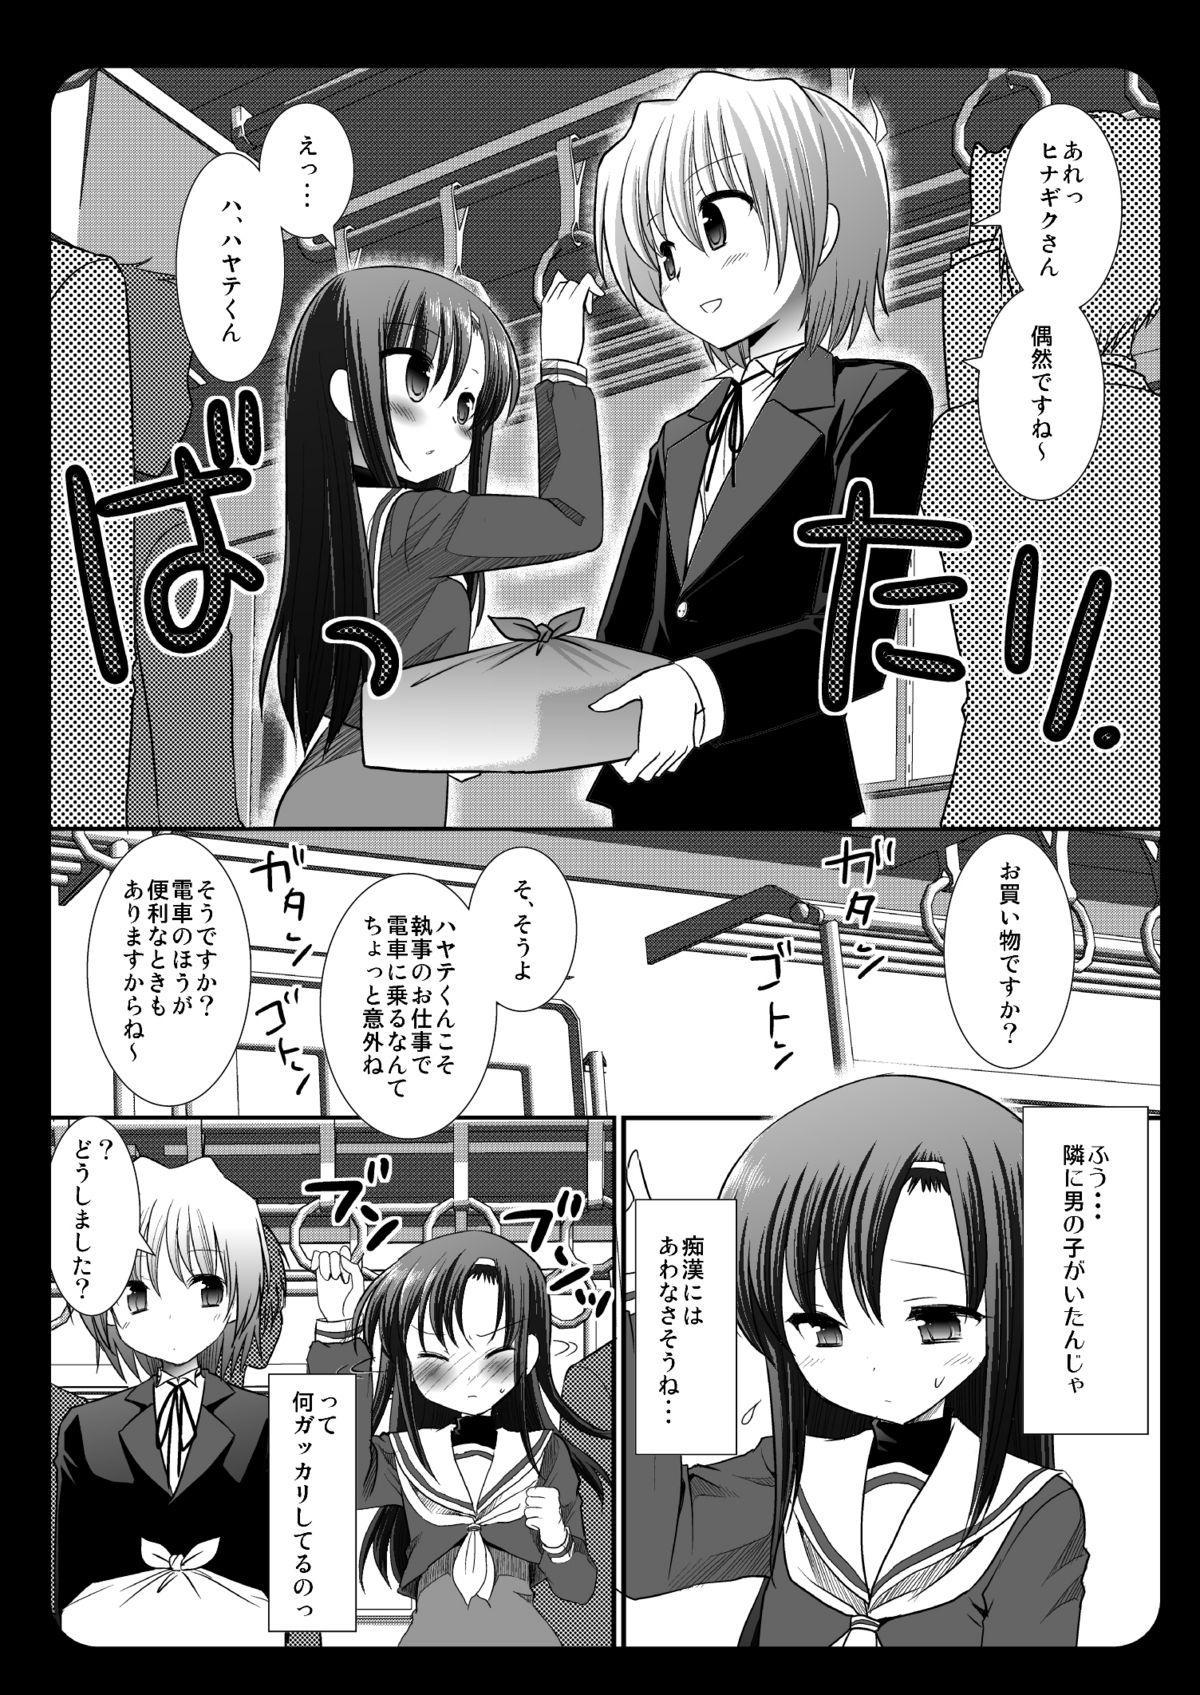 ヒナギク痴漢電車3 2